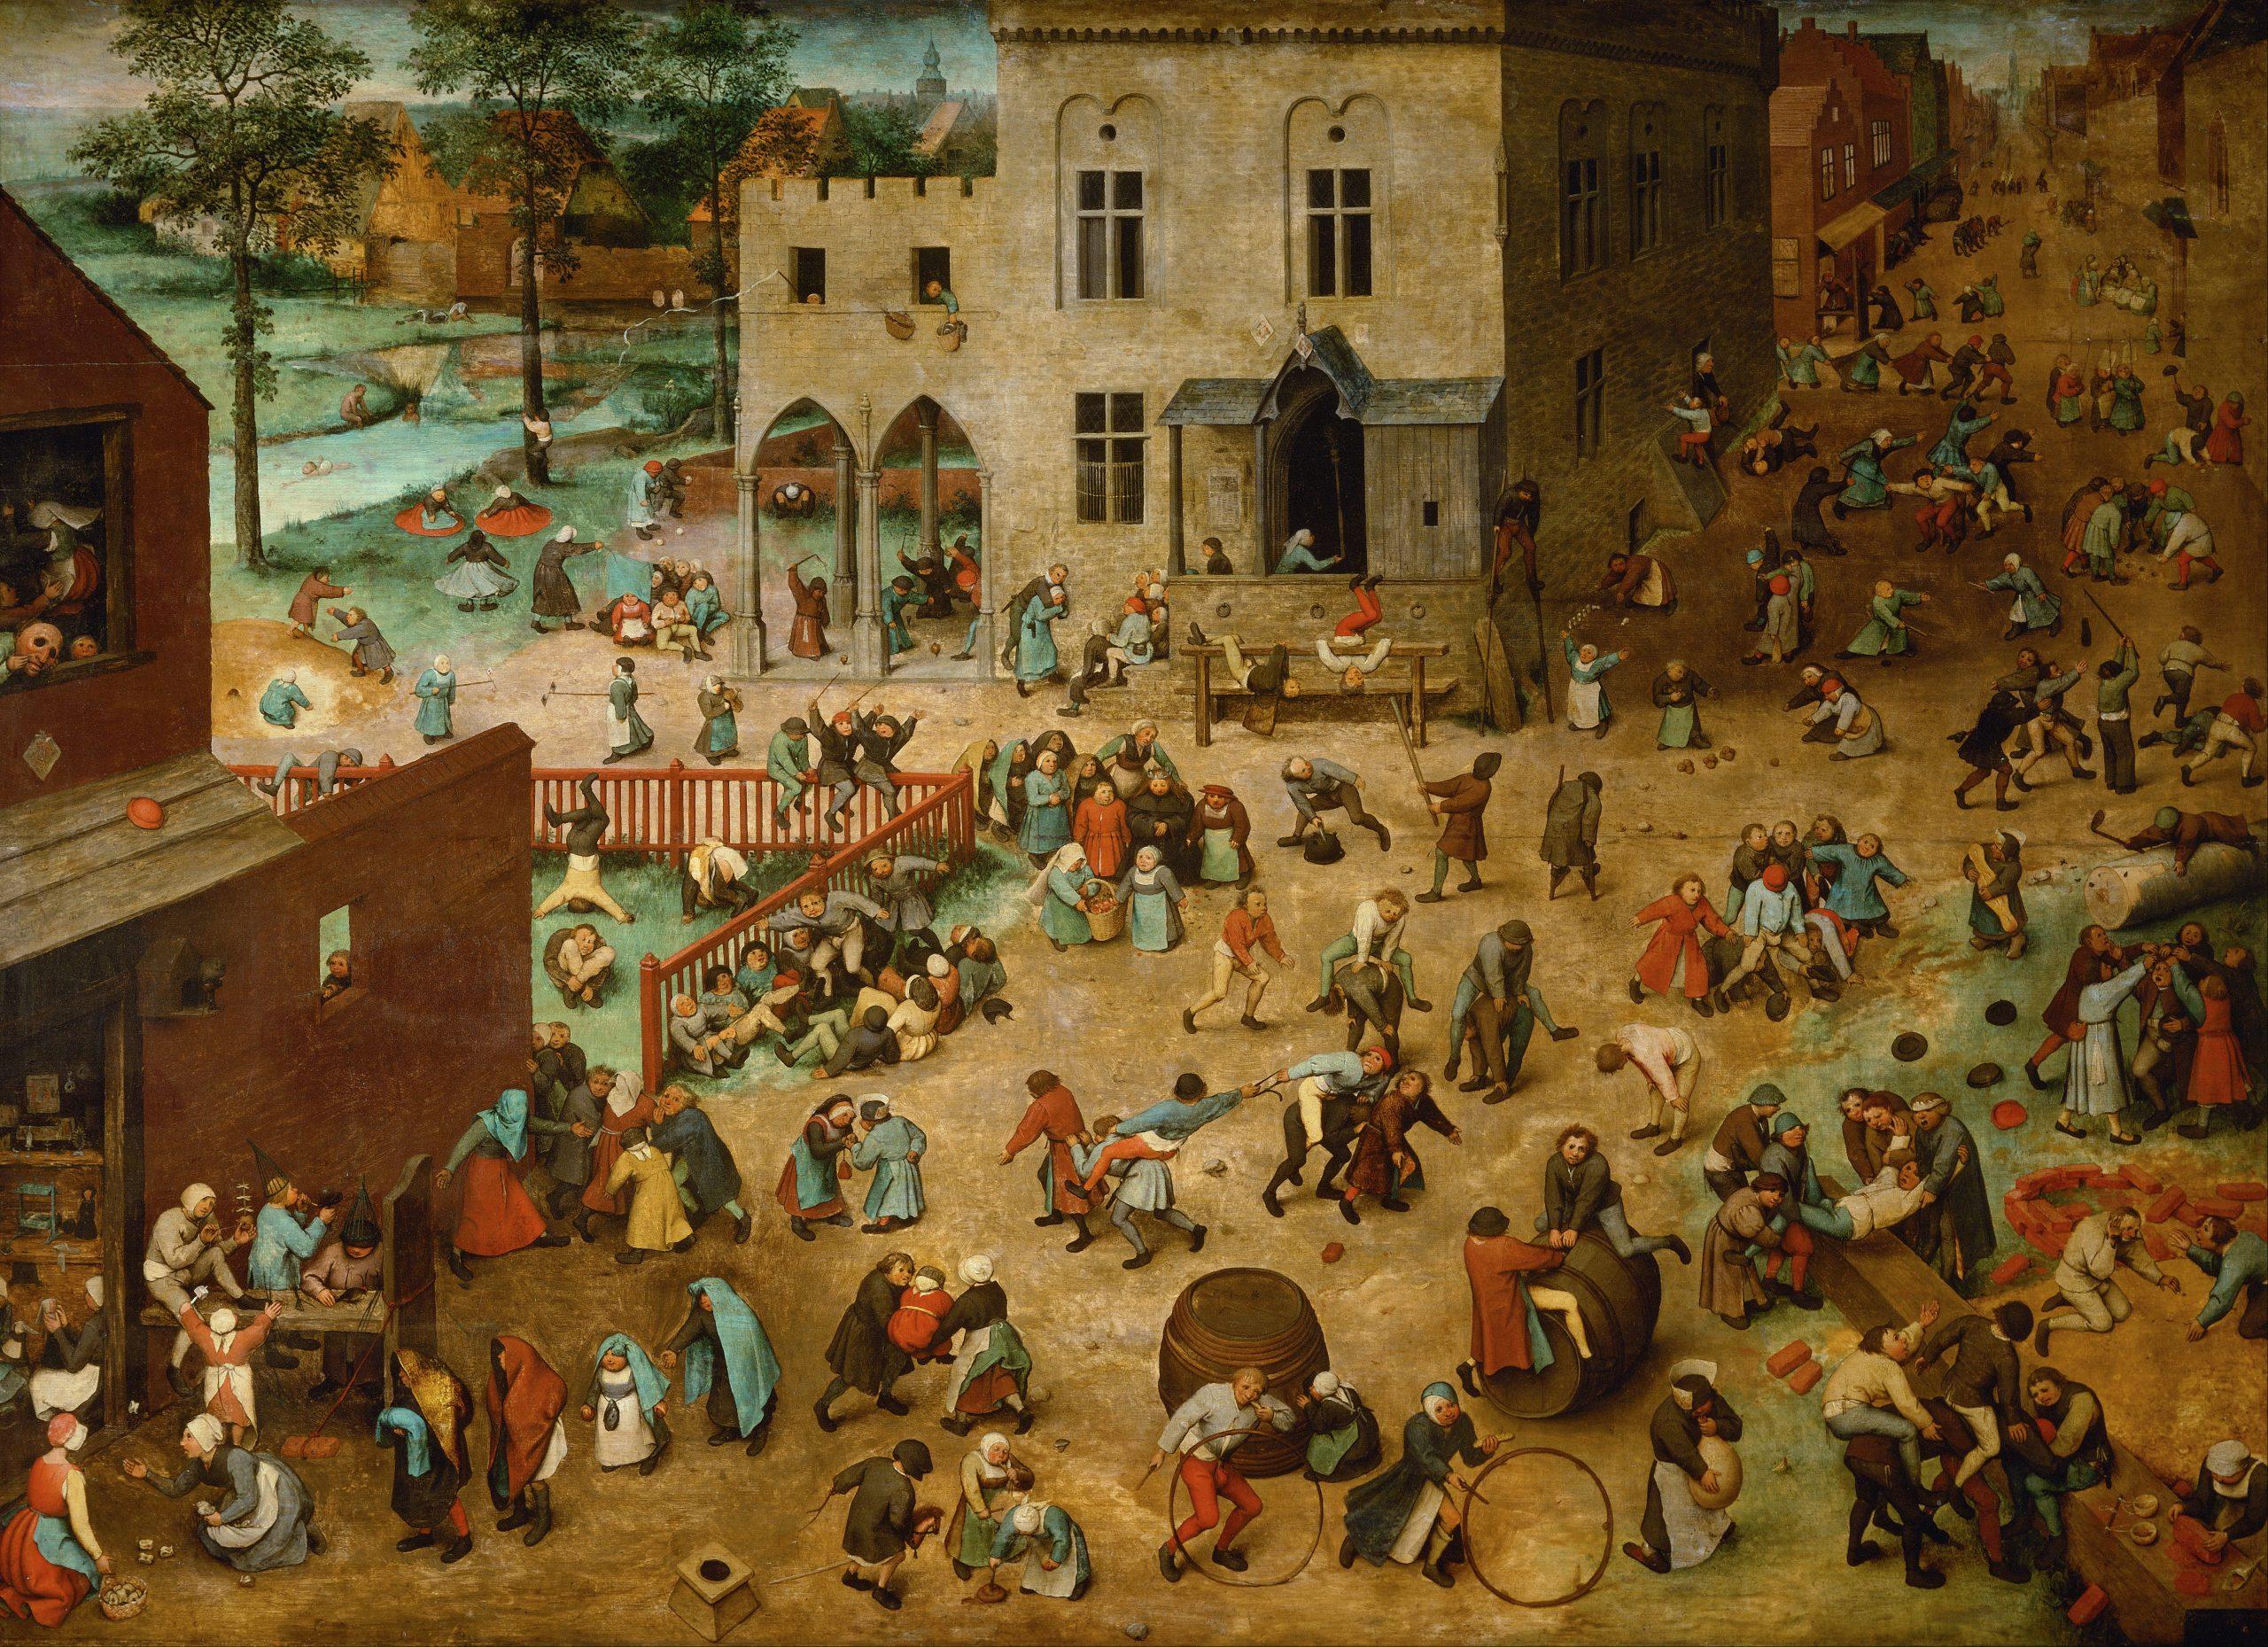 Les Jeux D'enfants, Pieter Brueghel L'ancien, 1560 concernant Jeux De Descendants